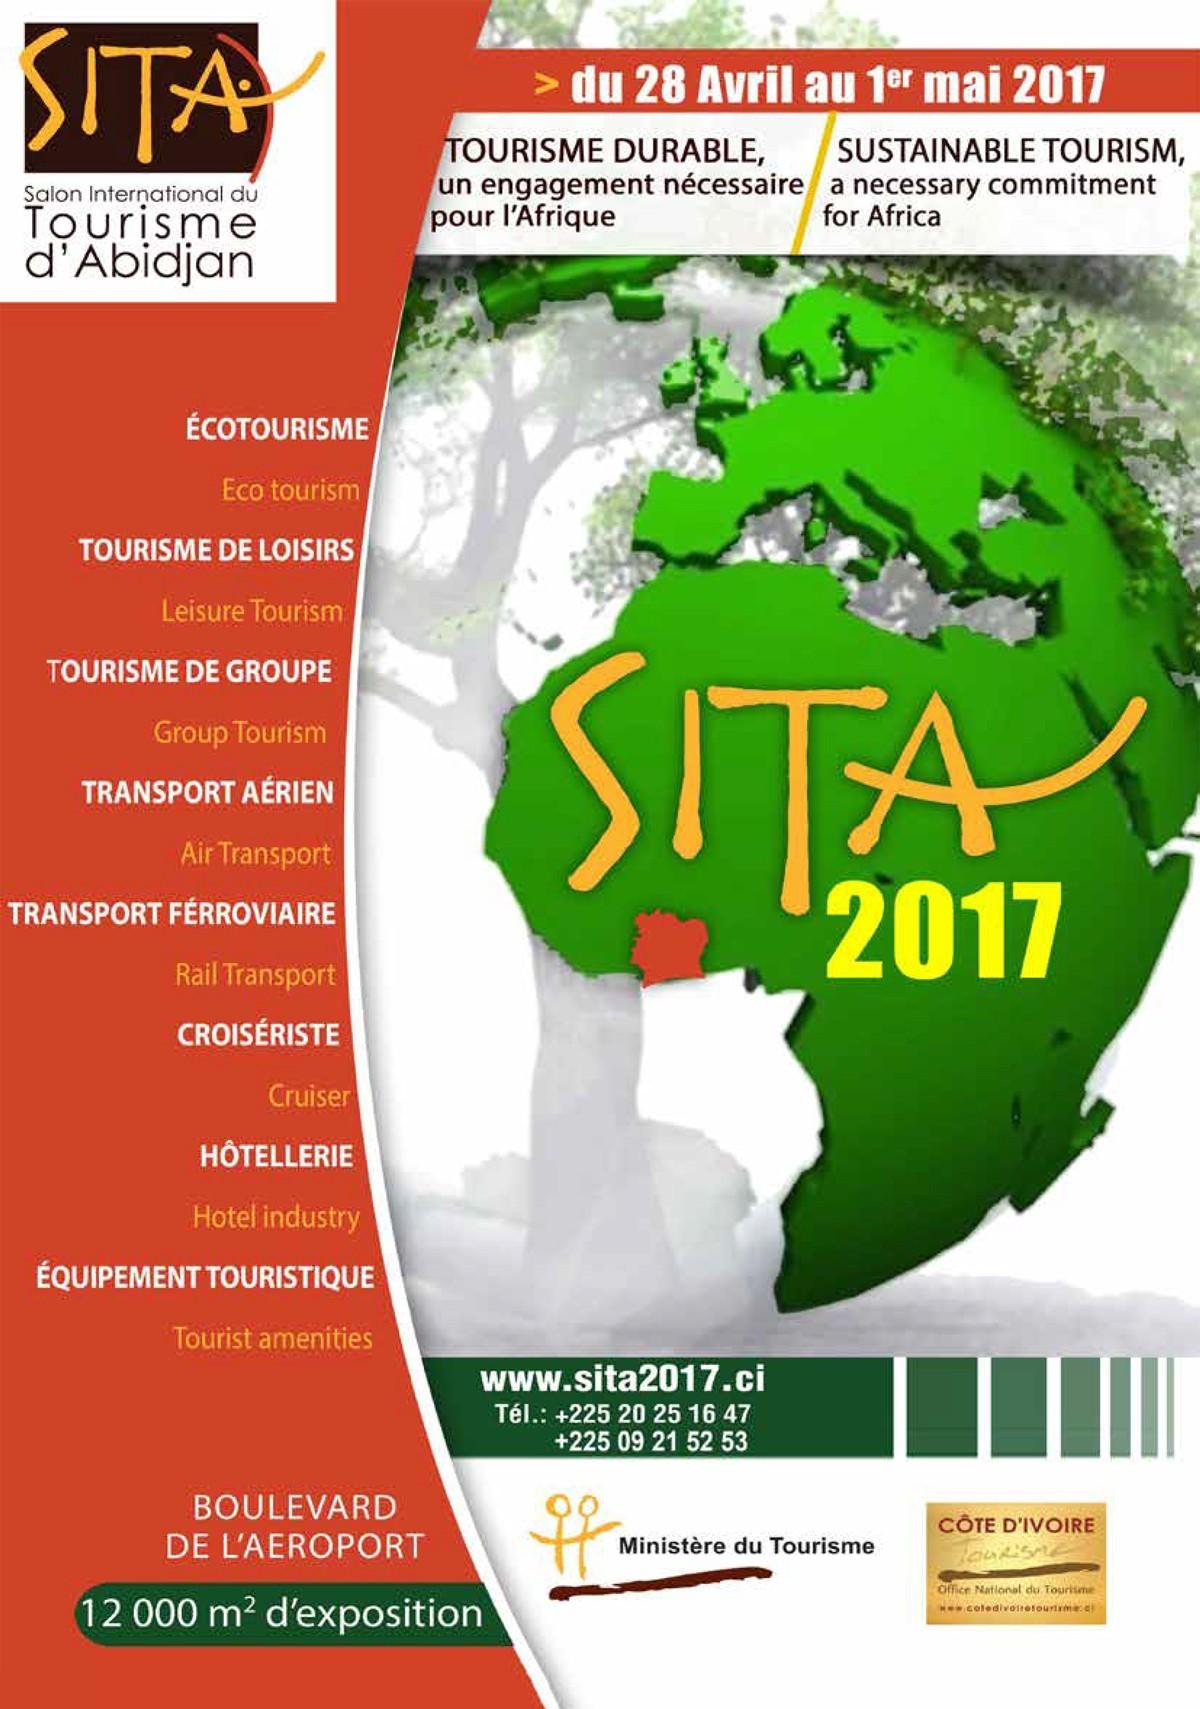 Cote d 39 ivoire tourisme office national du tourisme offices du tourisme - Office tourisme cote d or ...